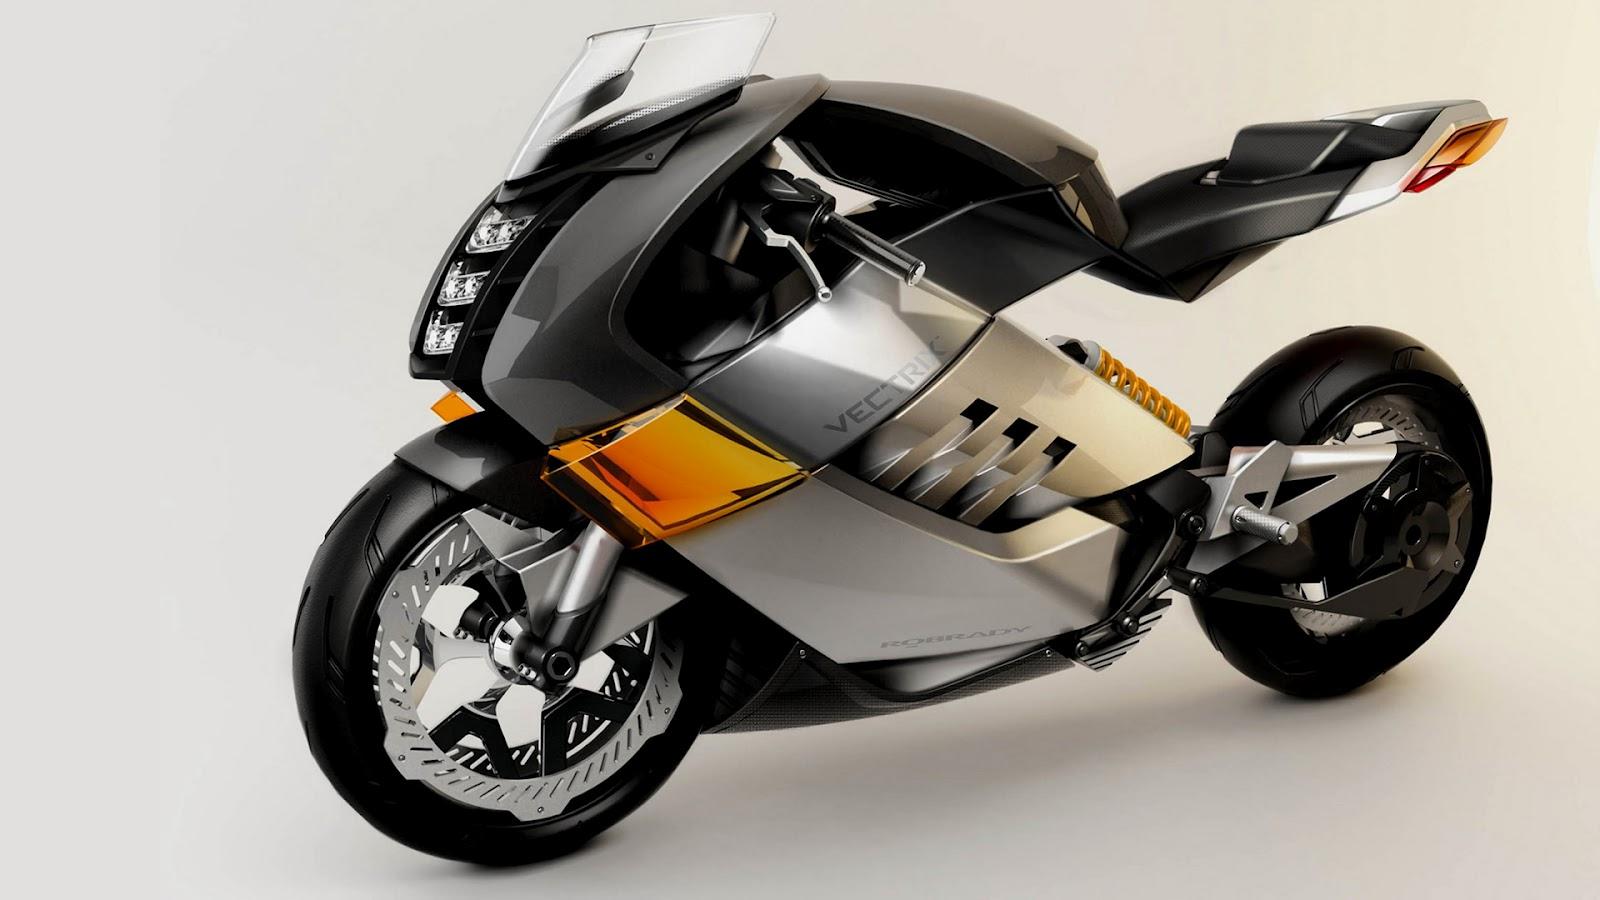 http://4.bp.blogspot.com/-khOJDV7DU6Q/UDcwm9ALUtI/AAAAAAAAASs/6YlE5Y-EUDQ/s1600/bike-wallpaper.jpg